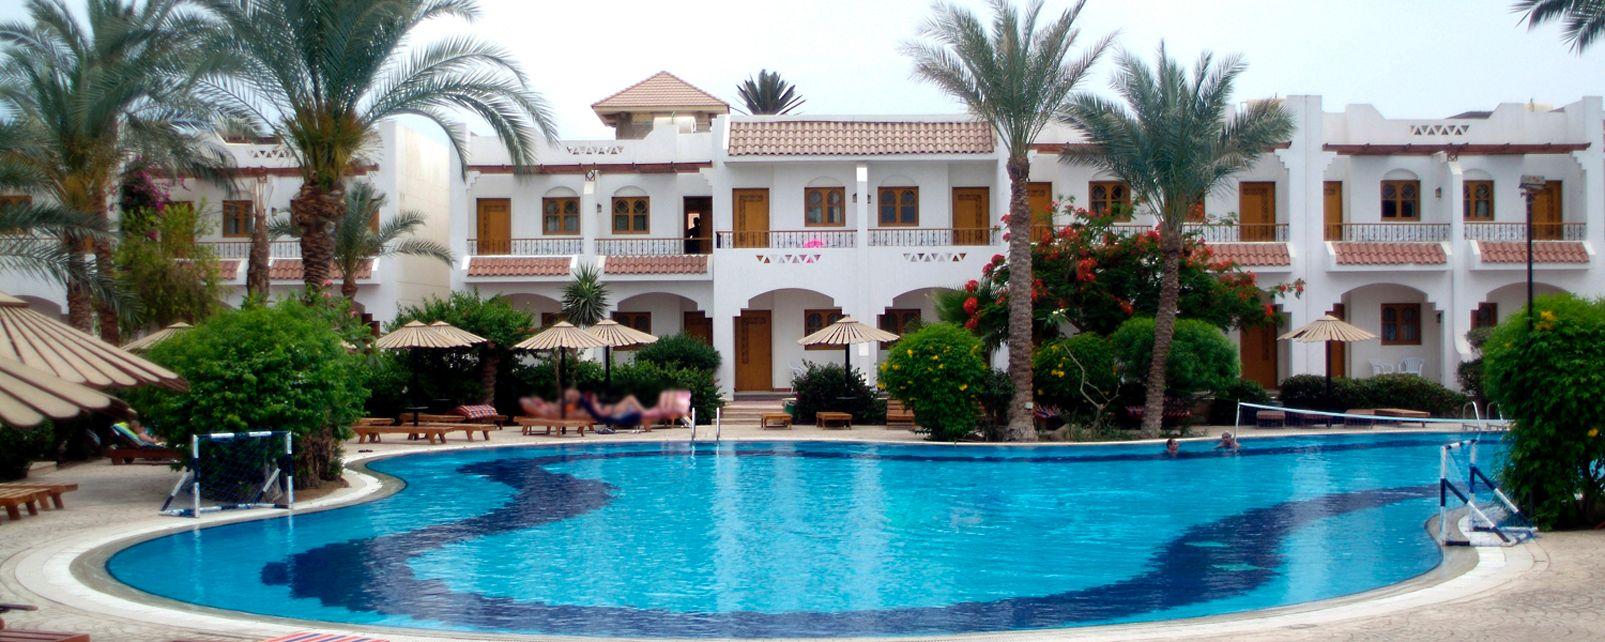 Hotel dive inn resort in sharm el sheikh - Dive inn resort egypt ...